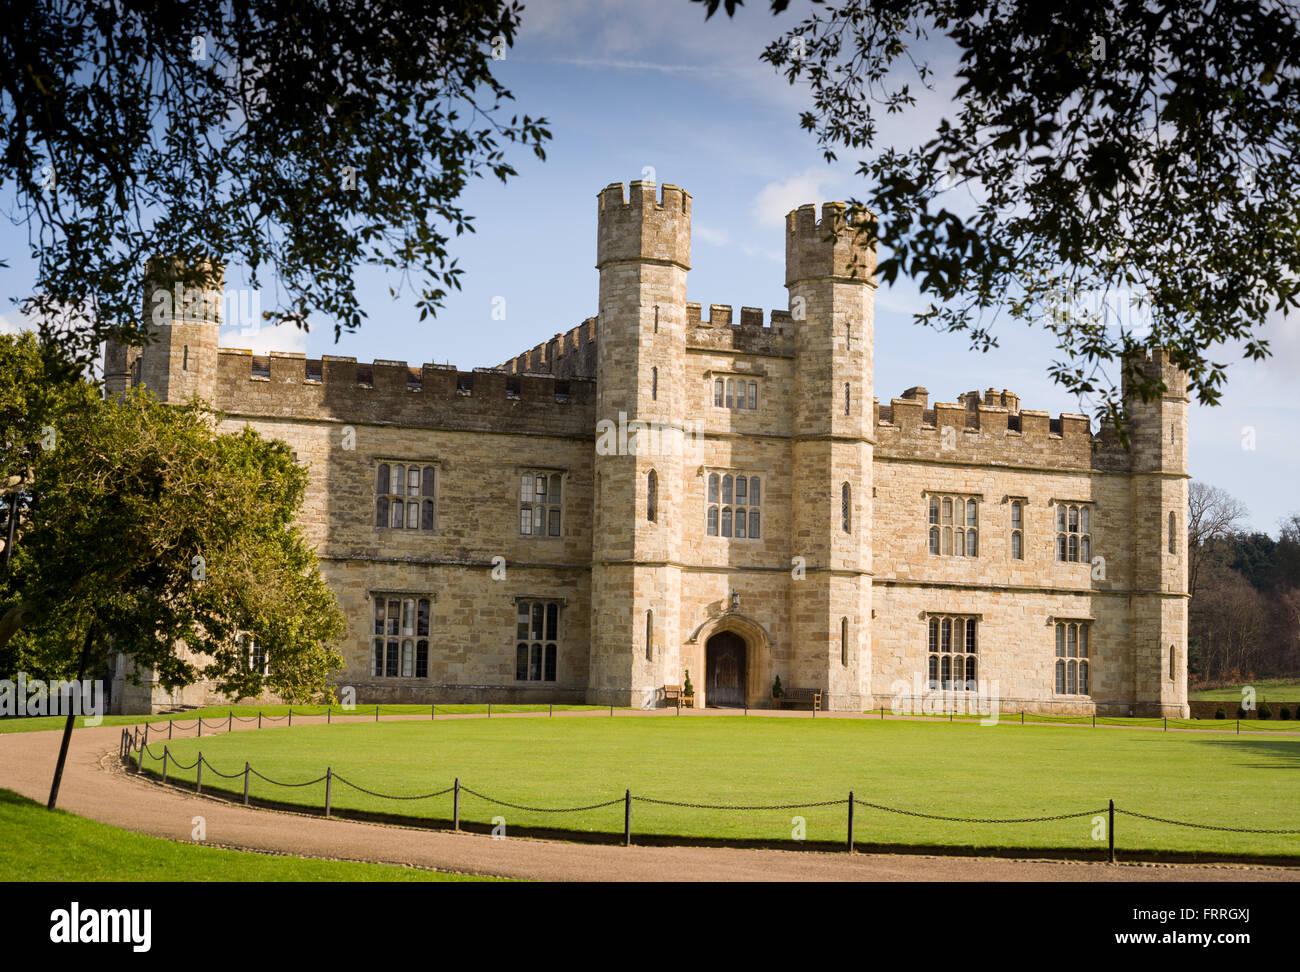 Il Castello di Leeds, vicino a Maidstone nel Kent, esterno. La parte principale del castello. Immagini Stock